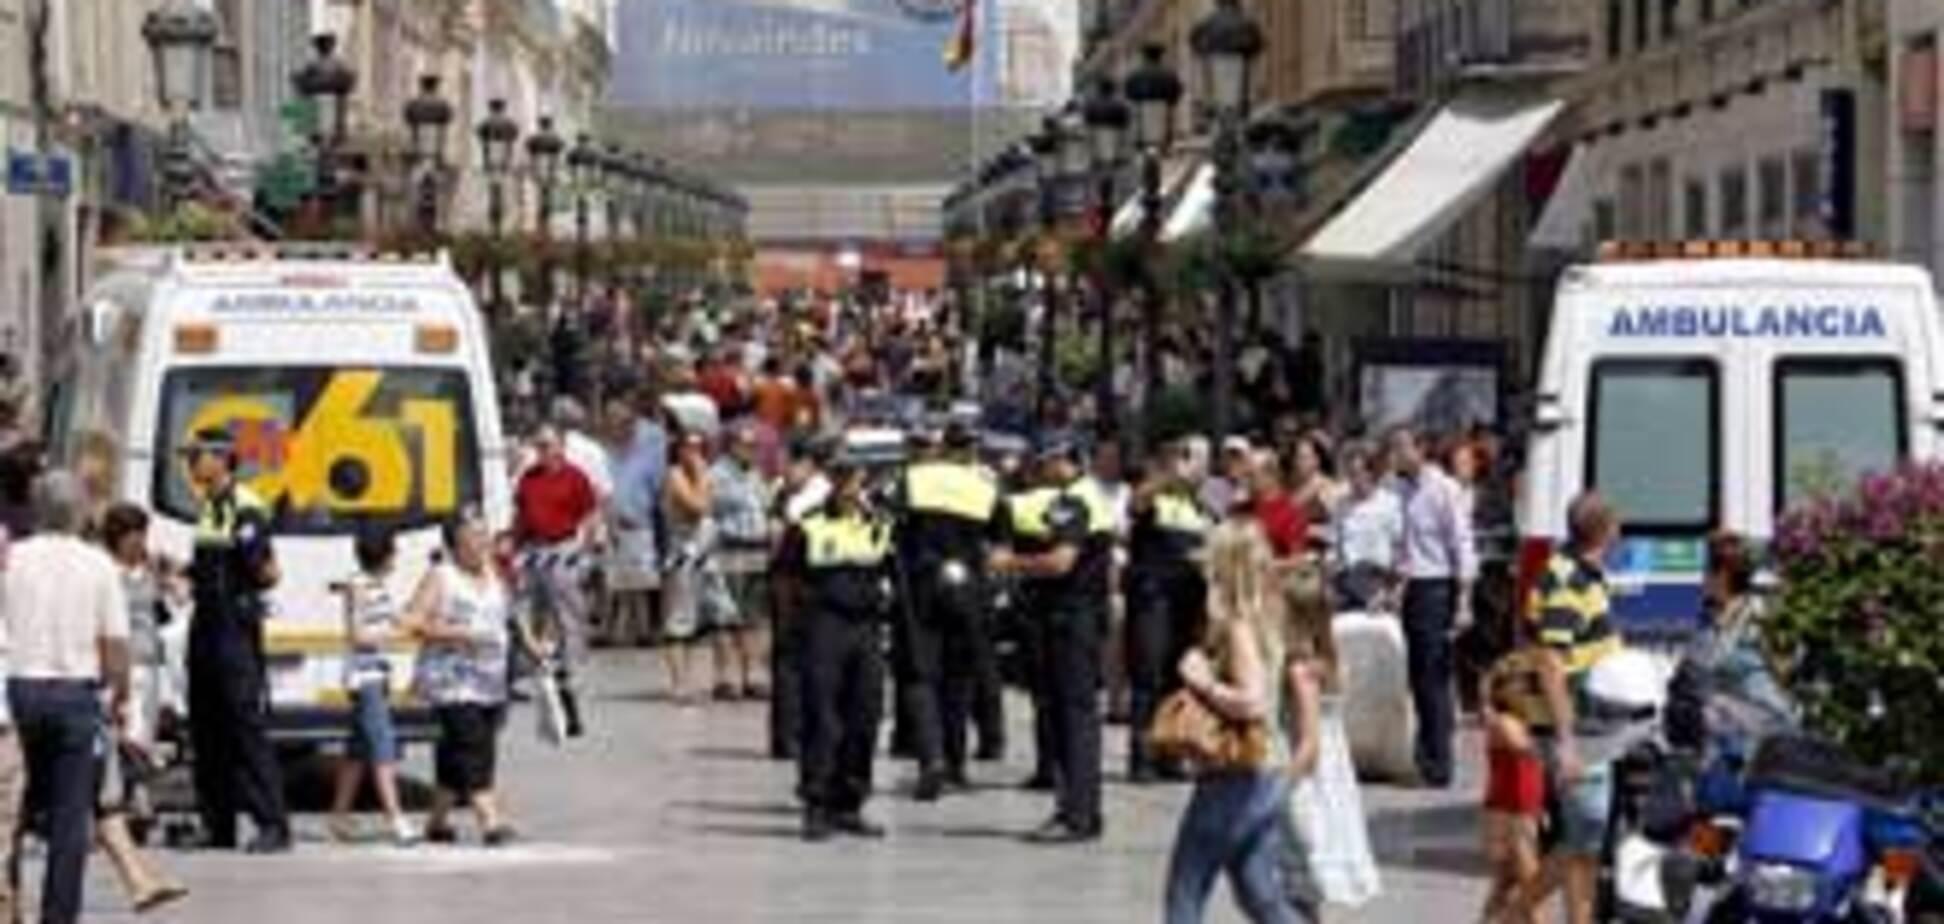 Водитель сознательно переехал толпу туристов